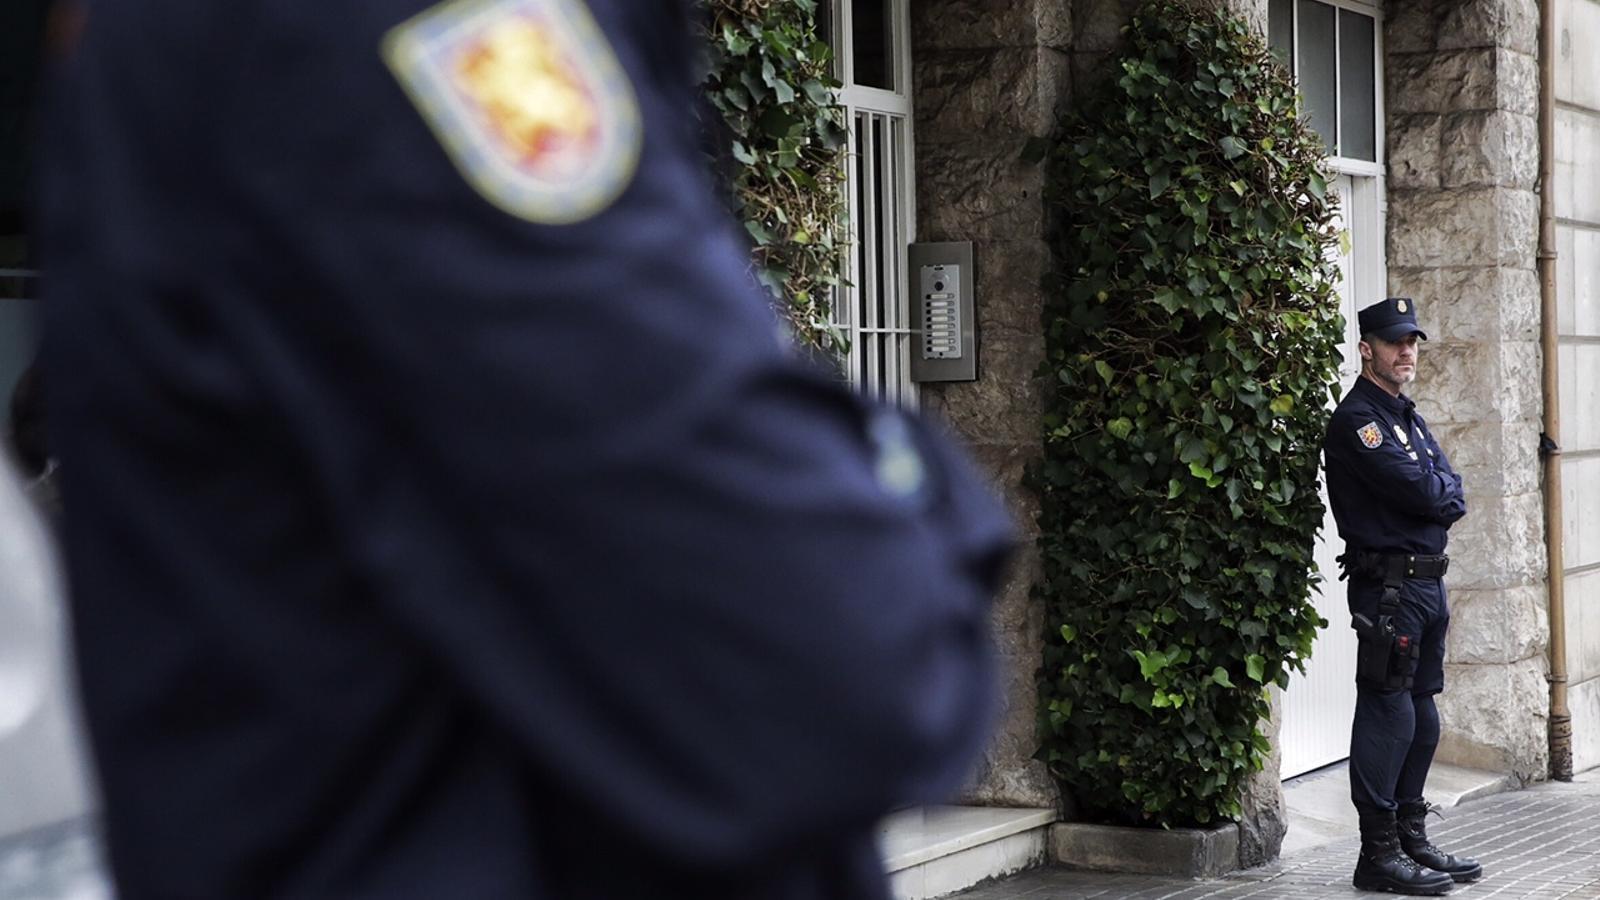 La Policia Nacional escorcolla la casa i el despatx de l'expresident Pujol i la casa del seu fill gran